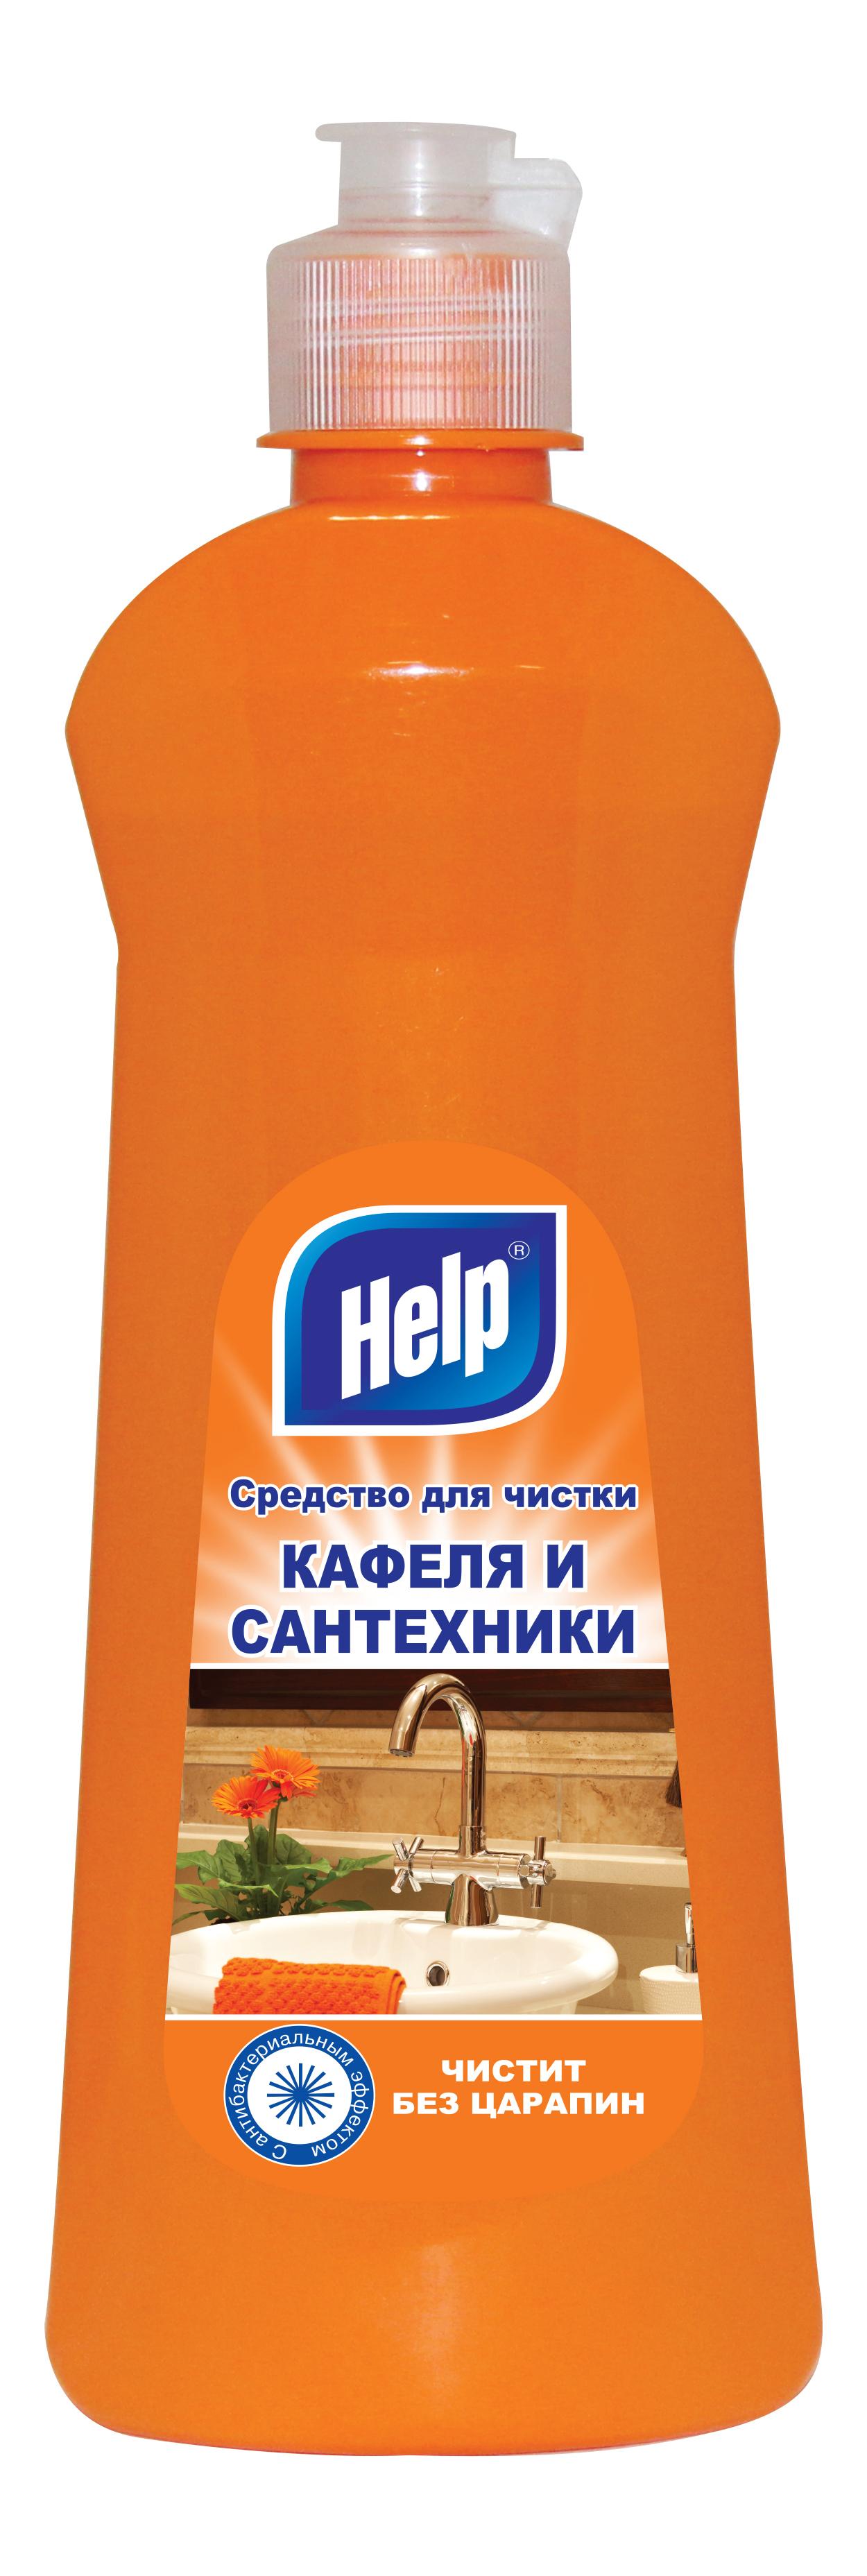 Универсальное чистящее средство Help для кафеля